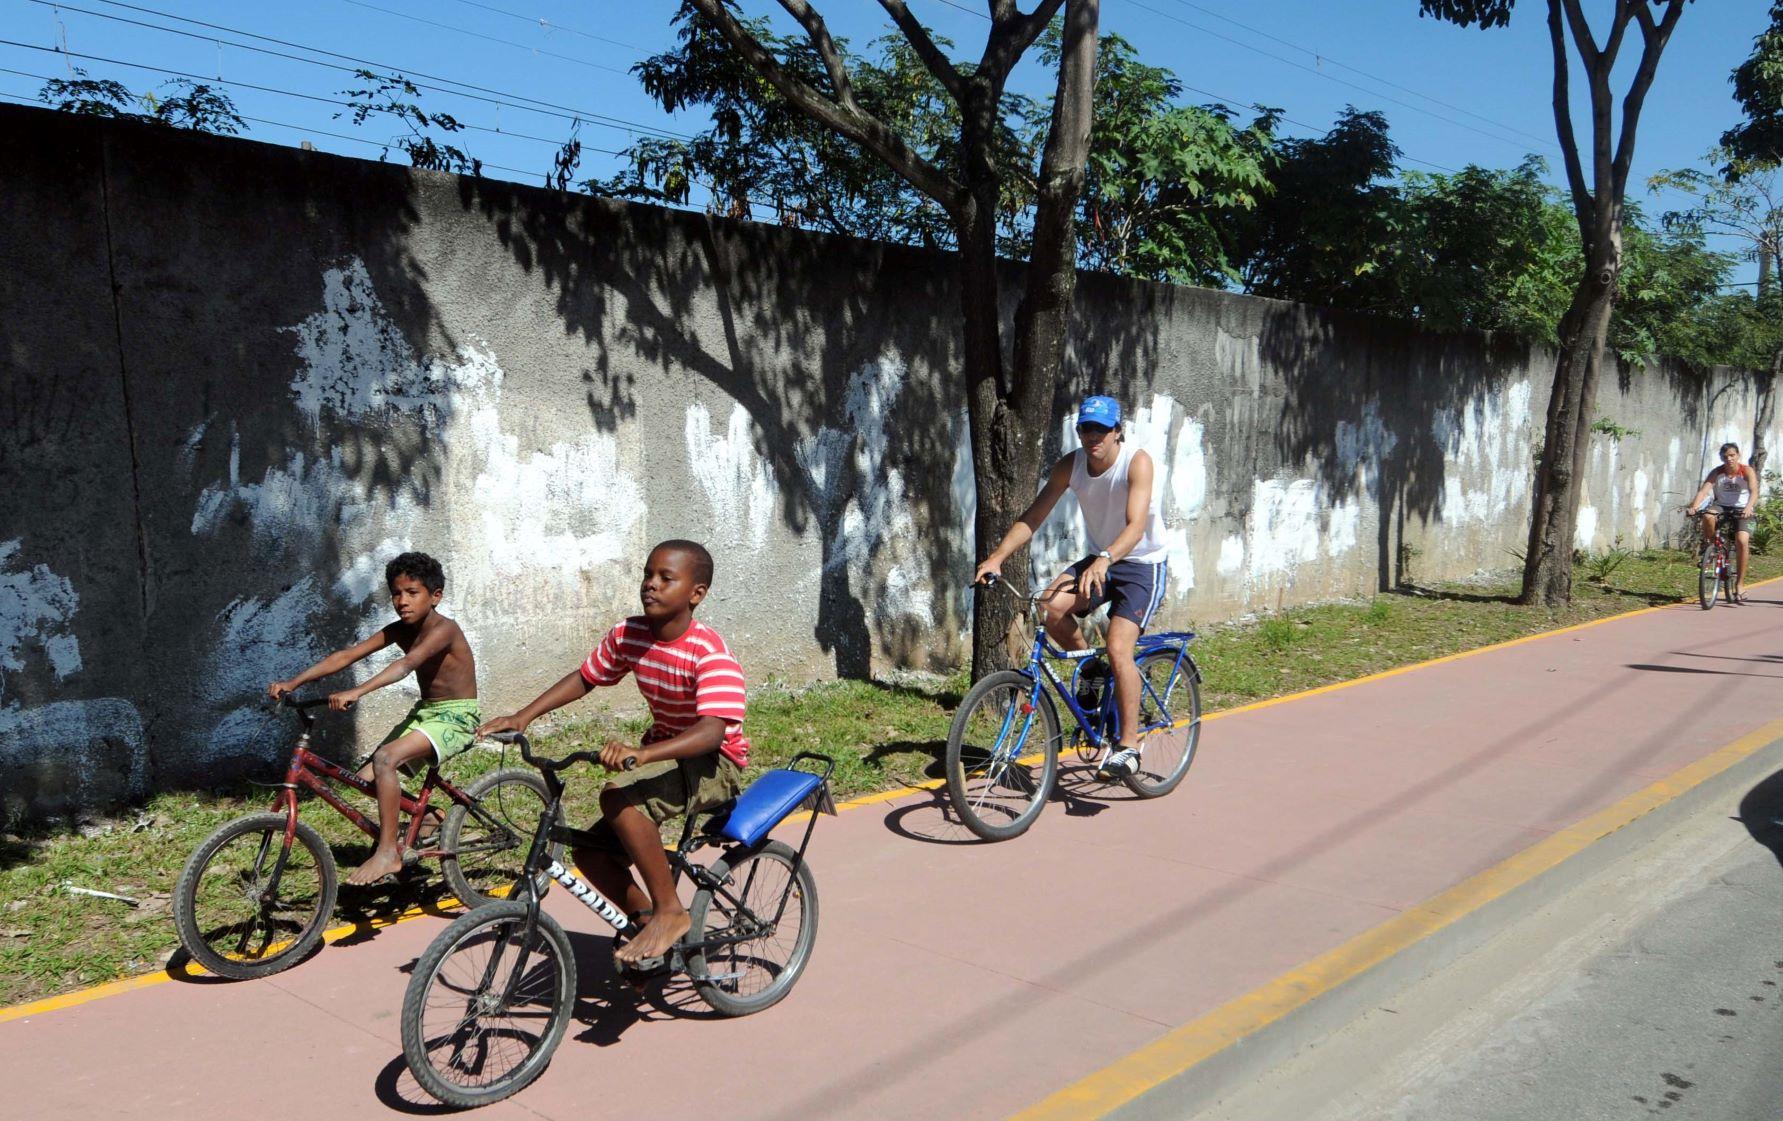 Ciclovia na Zona Oeste do Rio, inaugurada em 2011: cidade sem investimentos em infraestrutura cicloviária desde 2017 (Foto: J. P. Engelbrecht/Prefeitura do Rio)